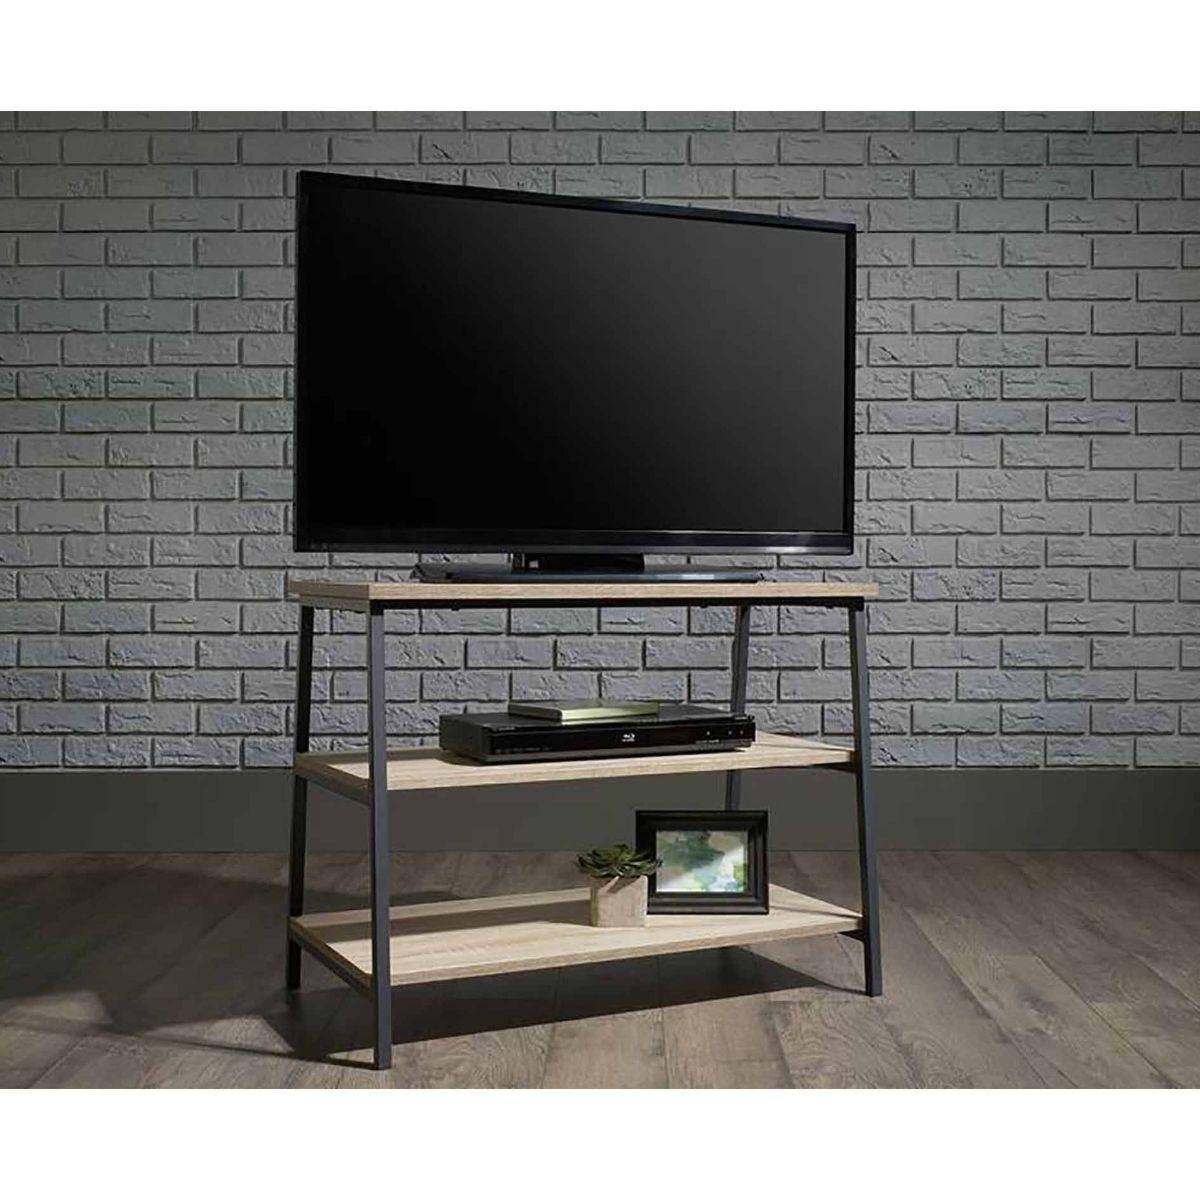 Teknik Industrial Style TV Stand and Trestle Shelf Oak Effect